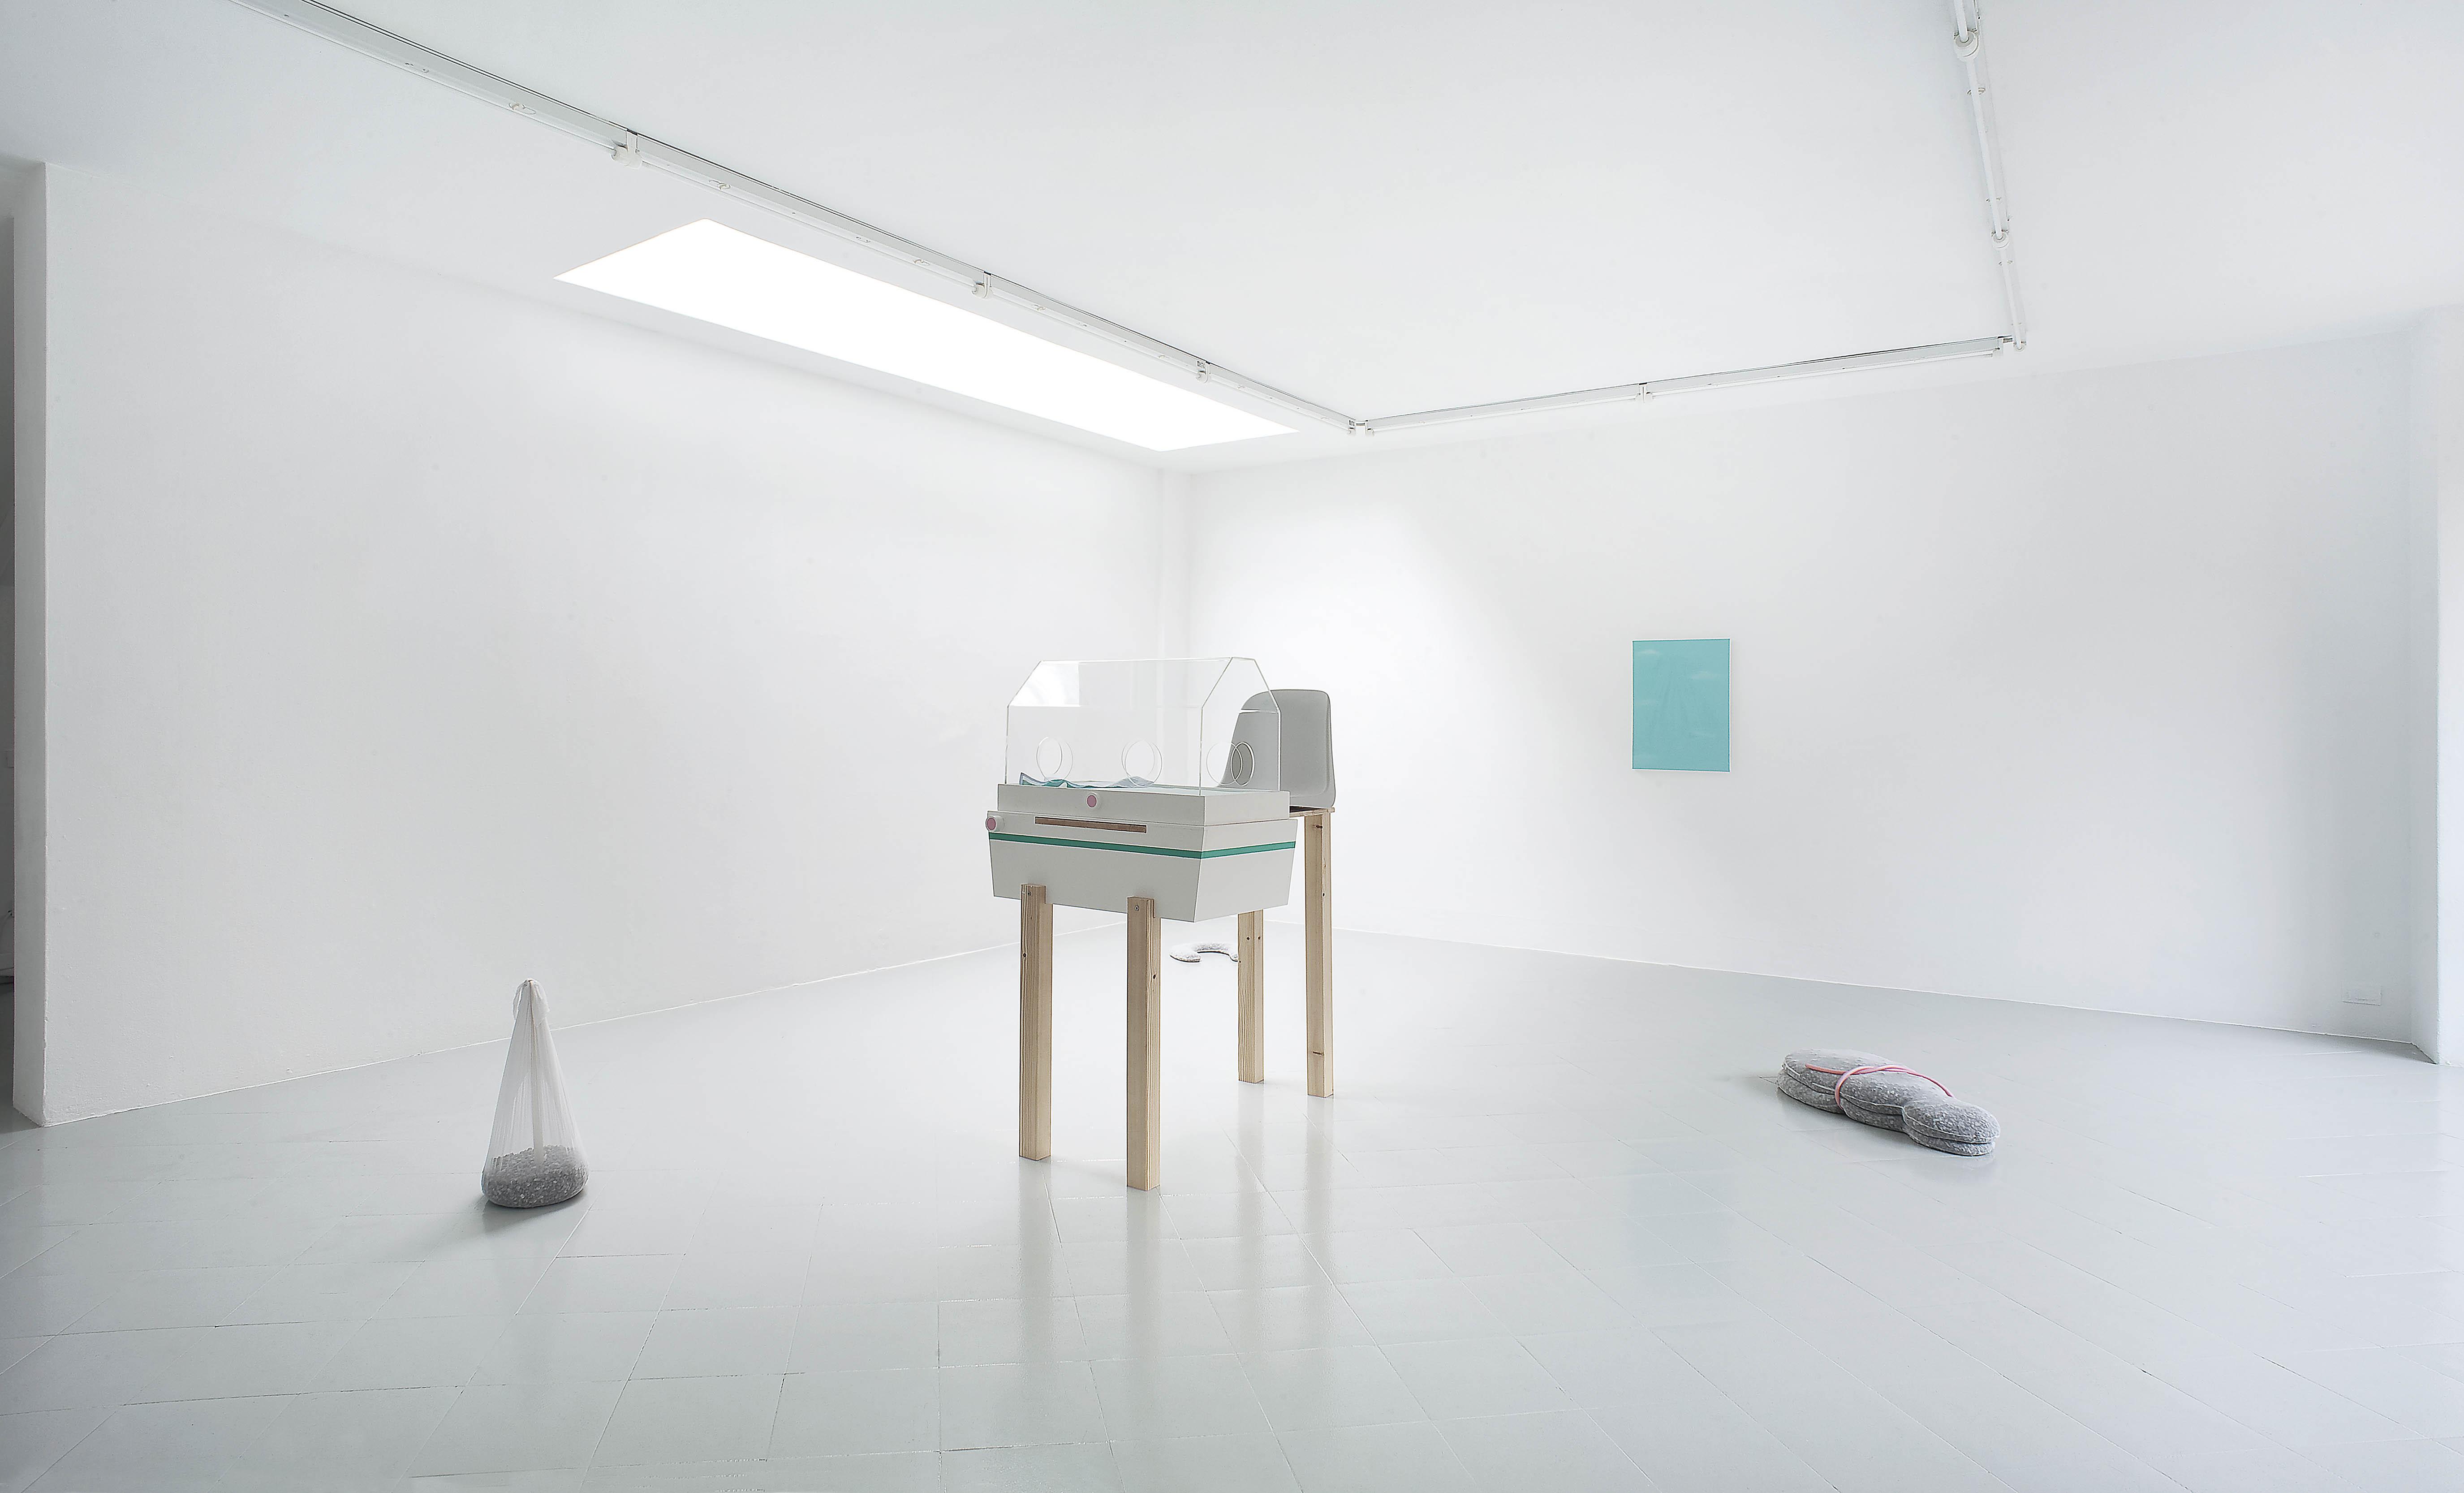 1 - Guendalina Cerruti at Studiolo Installation view 2015 - Courtesy Artist and Studiolo Milan copia